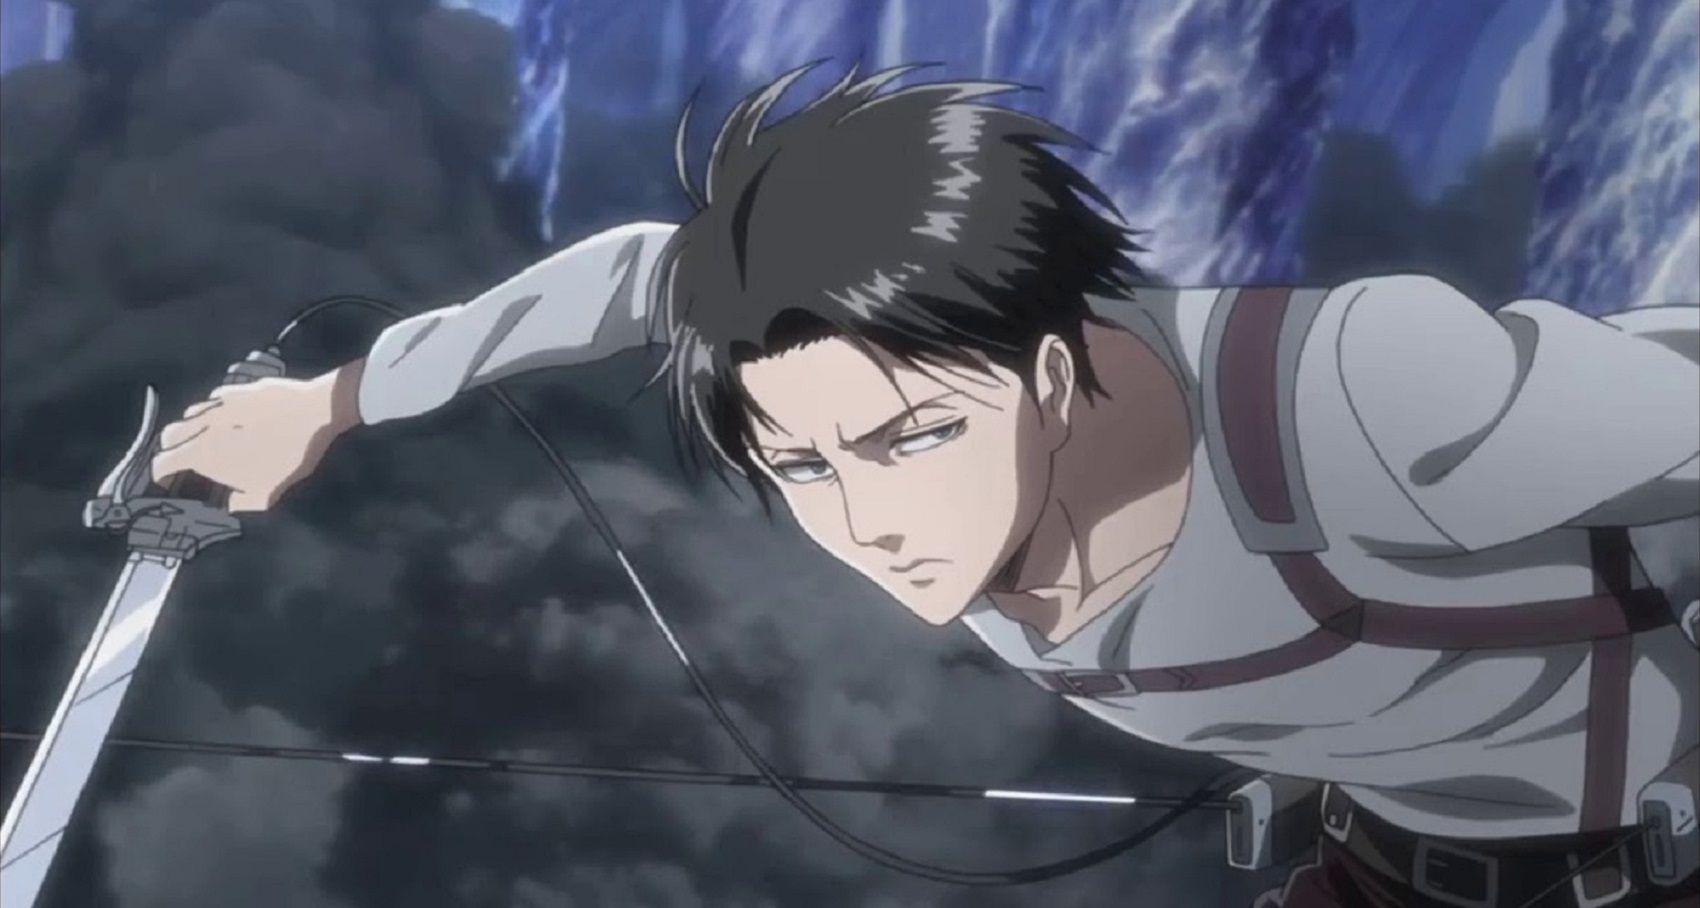 10 Karakter Anime Paling Populer Di Dunia Apa Karakter